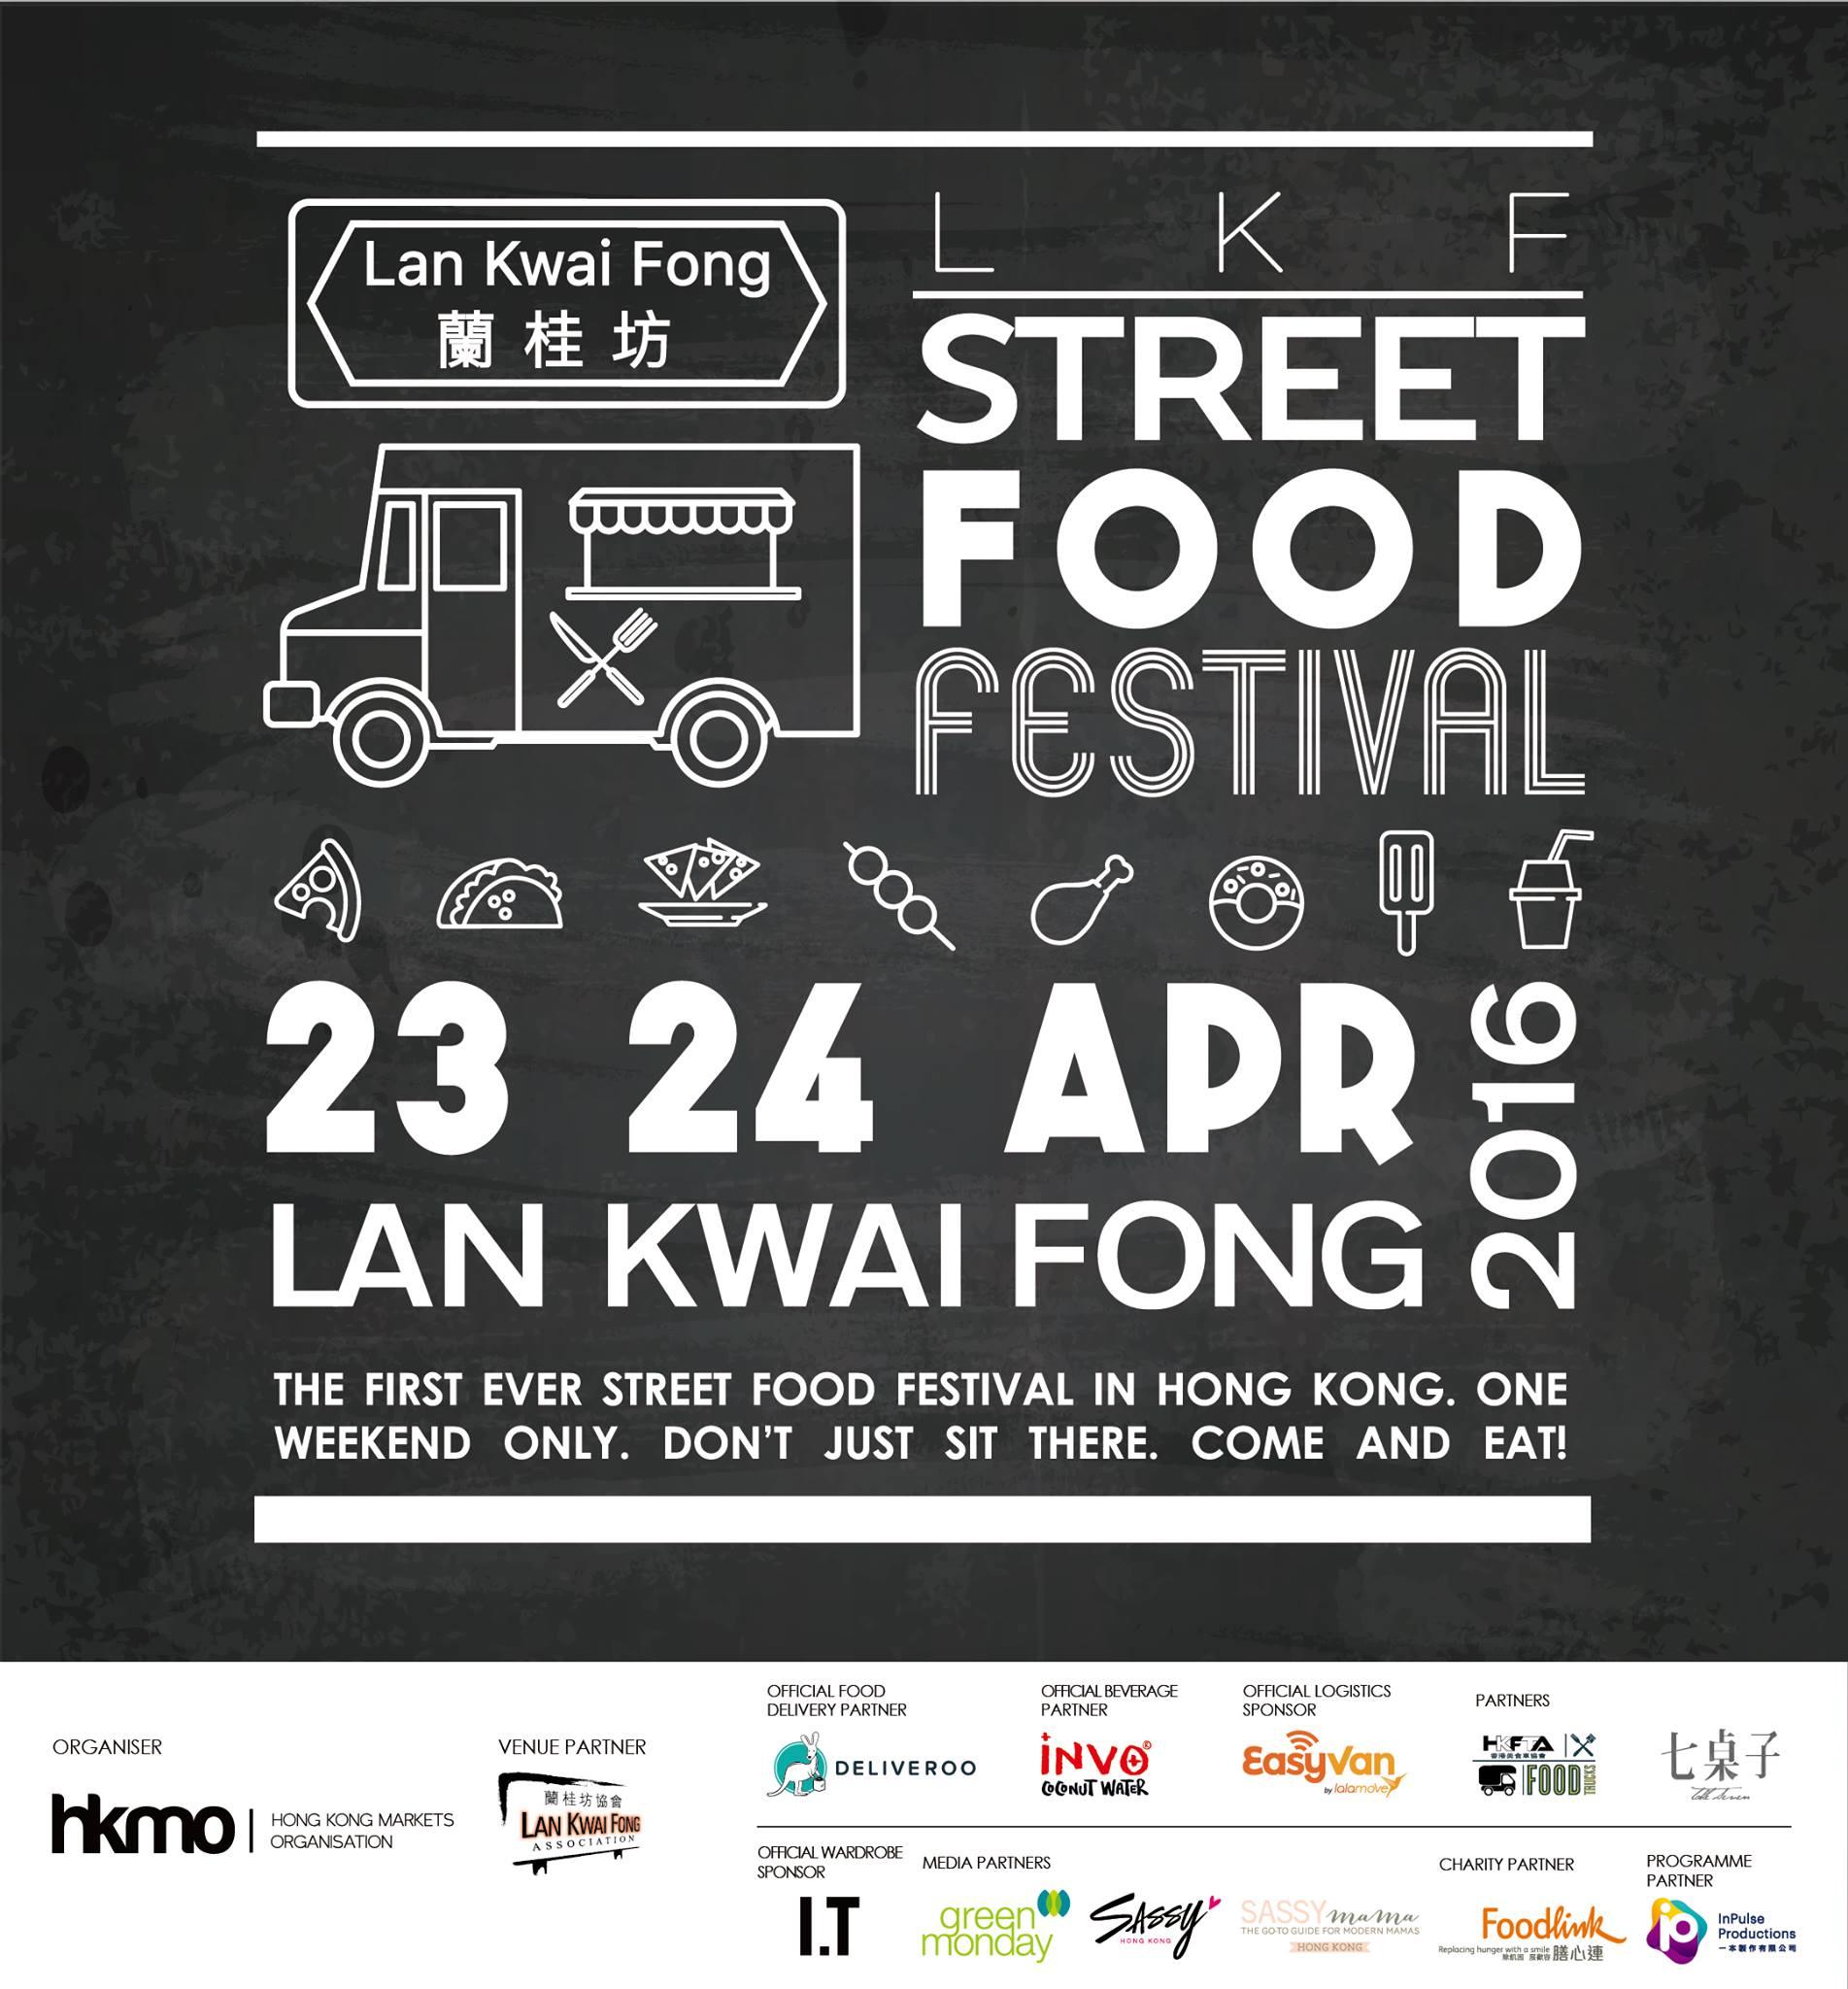 LKF Street Food Festival, Lan Kwai Fong, Street Food, HKMO